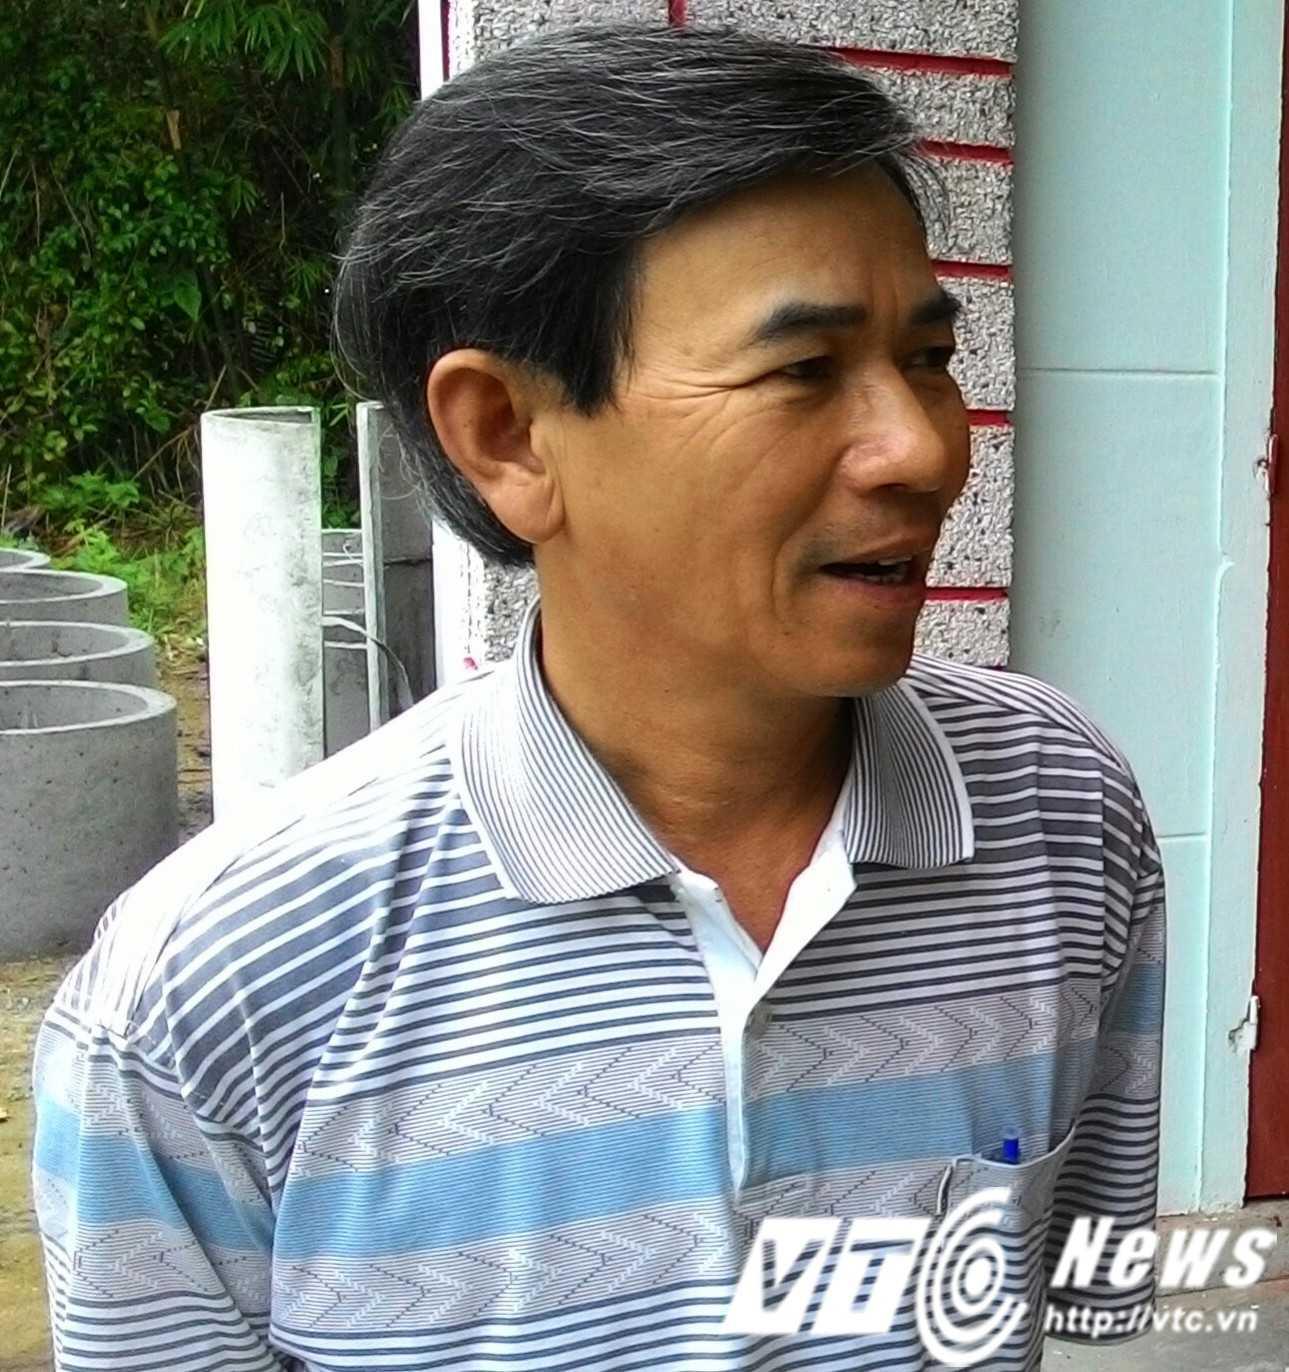 Ông Lê Ngọc Thành, trưởng thôn Thanh Hương Tây, hàng xóm của nữ giám đốc Yên cho hay gia đình Yên thuộc diện khó khăn tại địa phương.